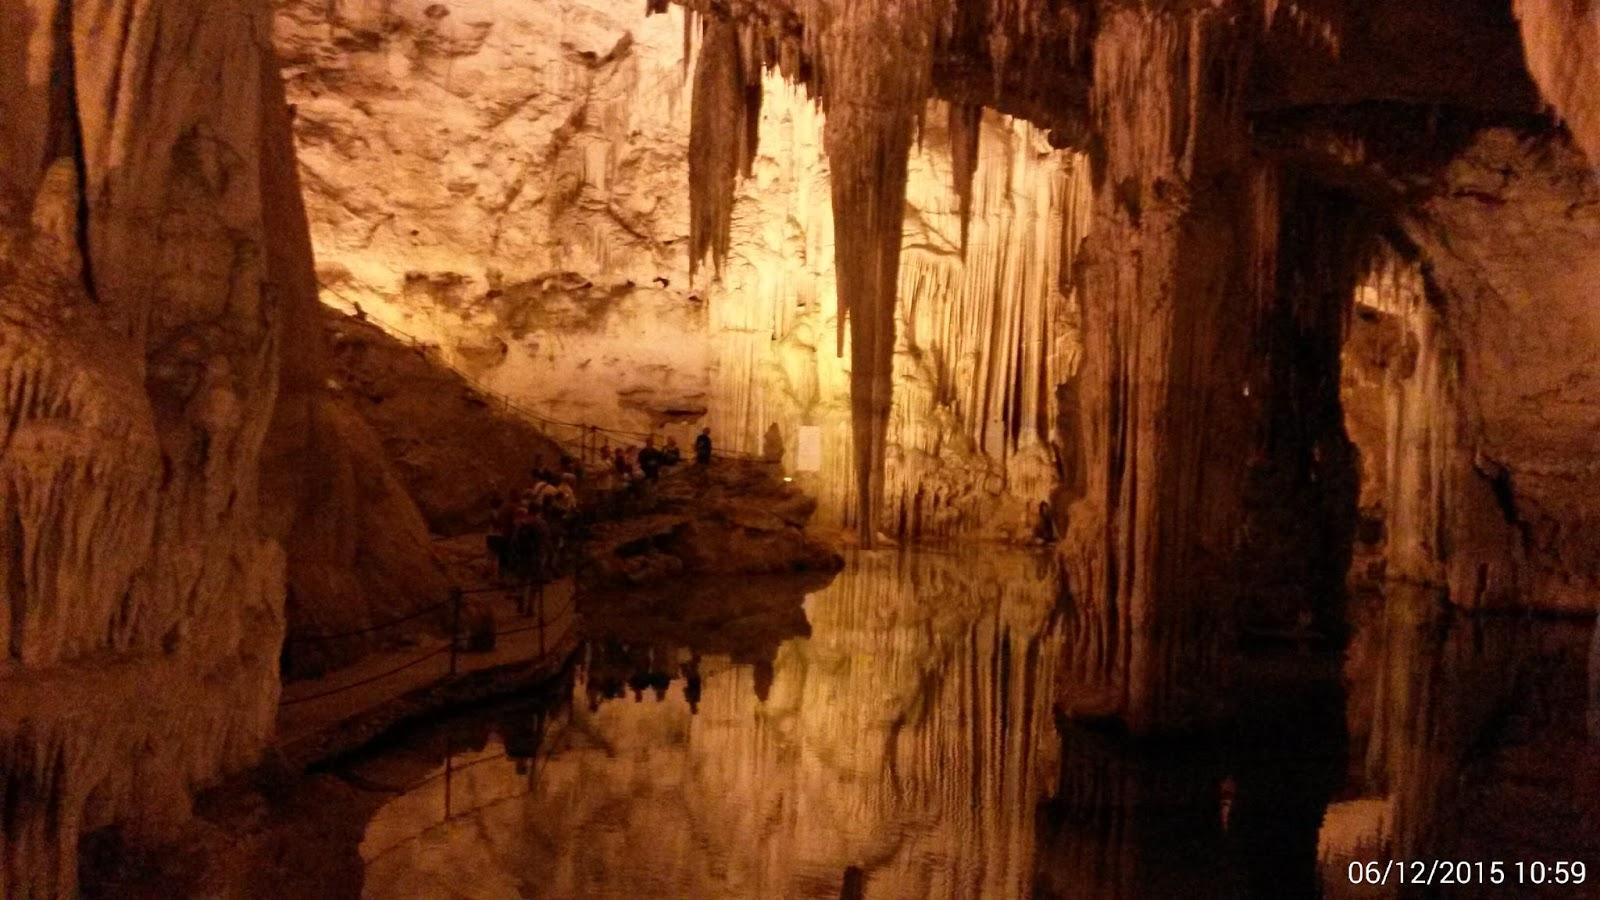 https://www.kempy-chaty.cz/sites/default/files/turistika/neptunova_jeskyne1.jpg